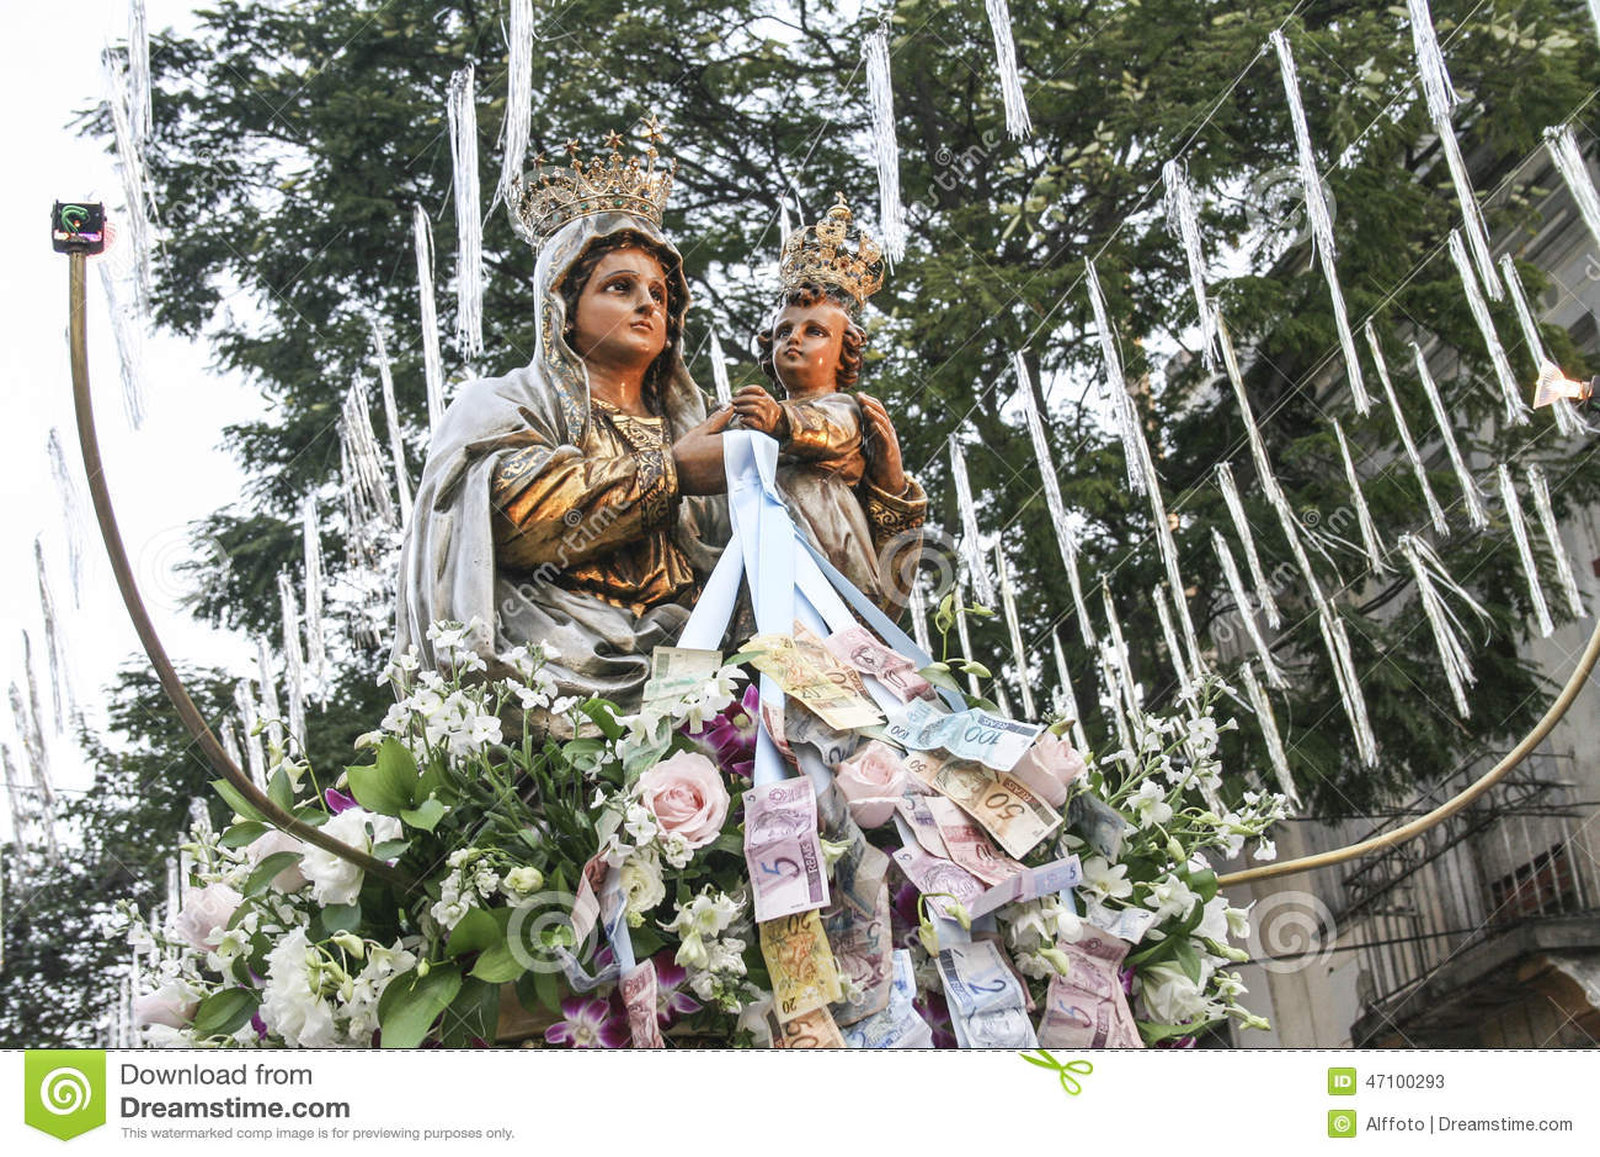 Unsere Dame von Achiropita